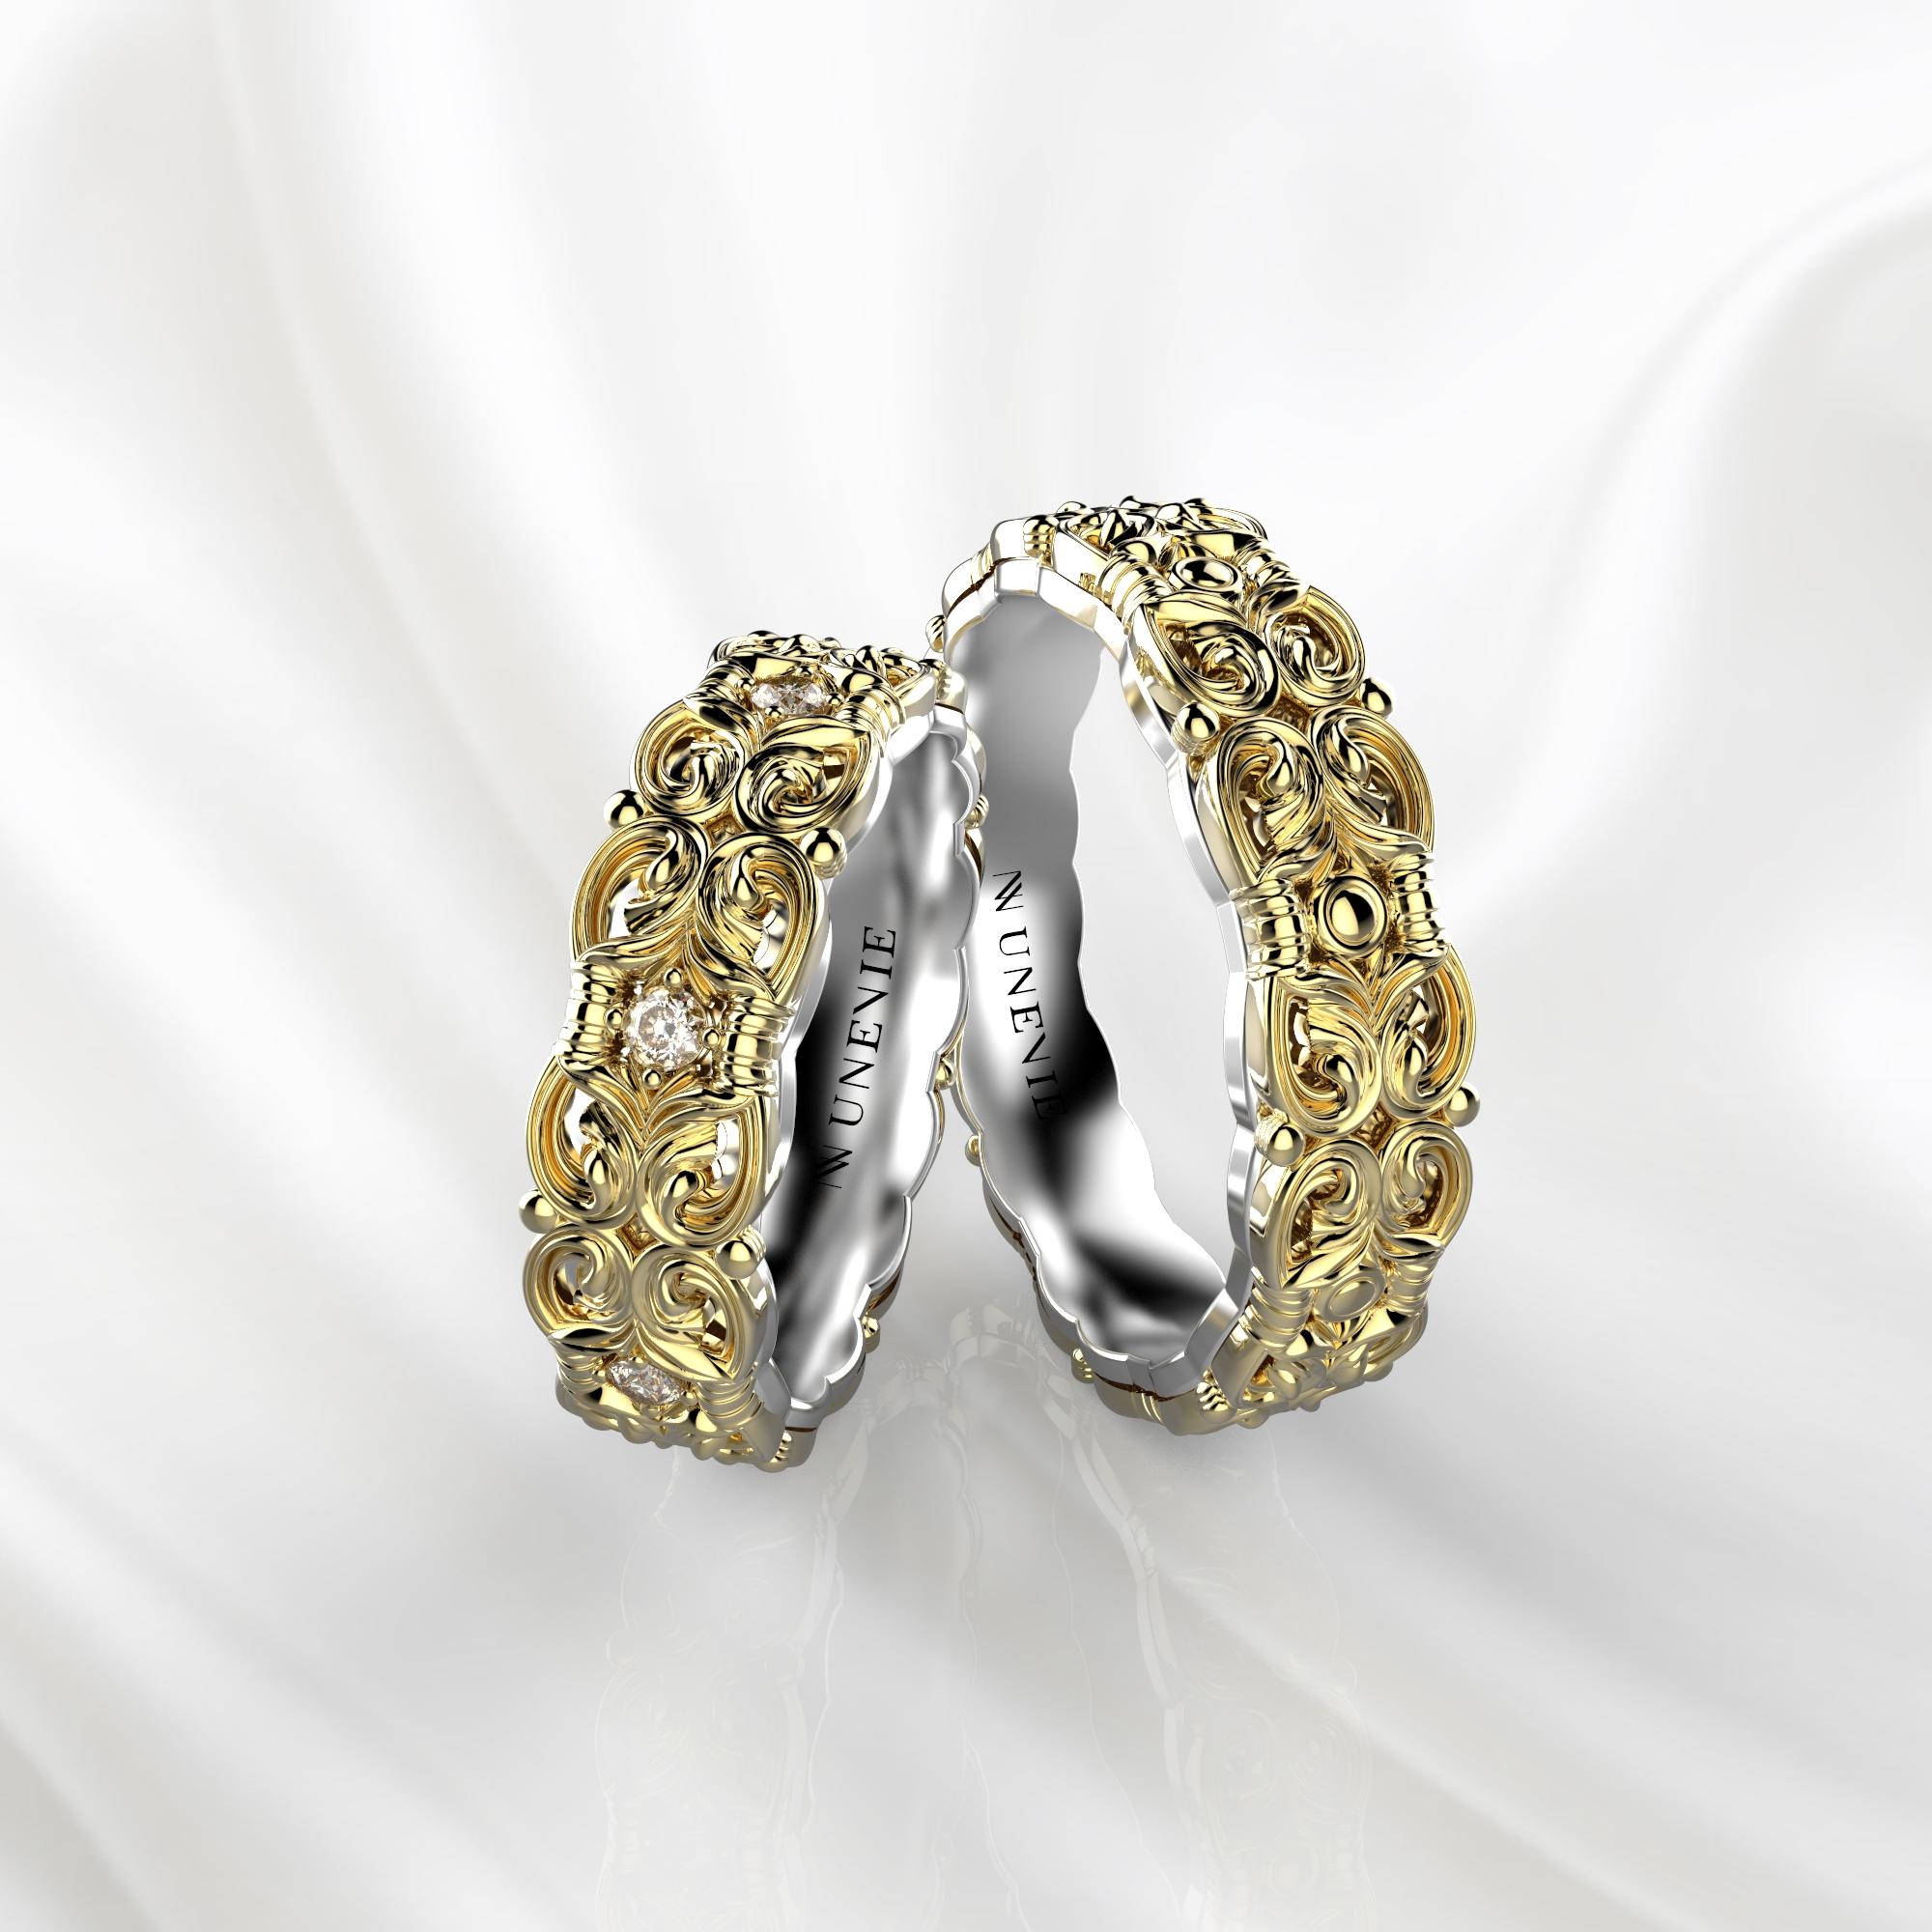 NV67 Парные обручальные кольца из желто-белого золота с бриллиантами